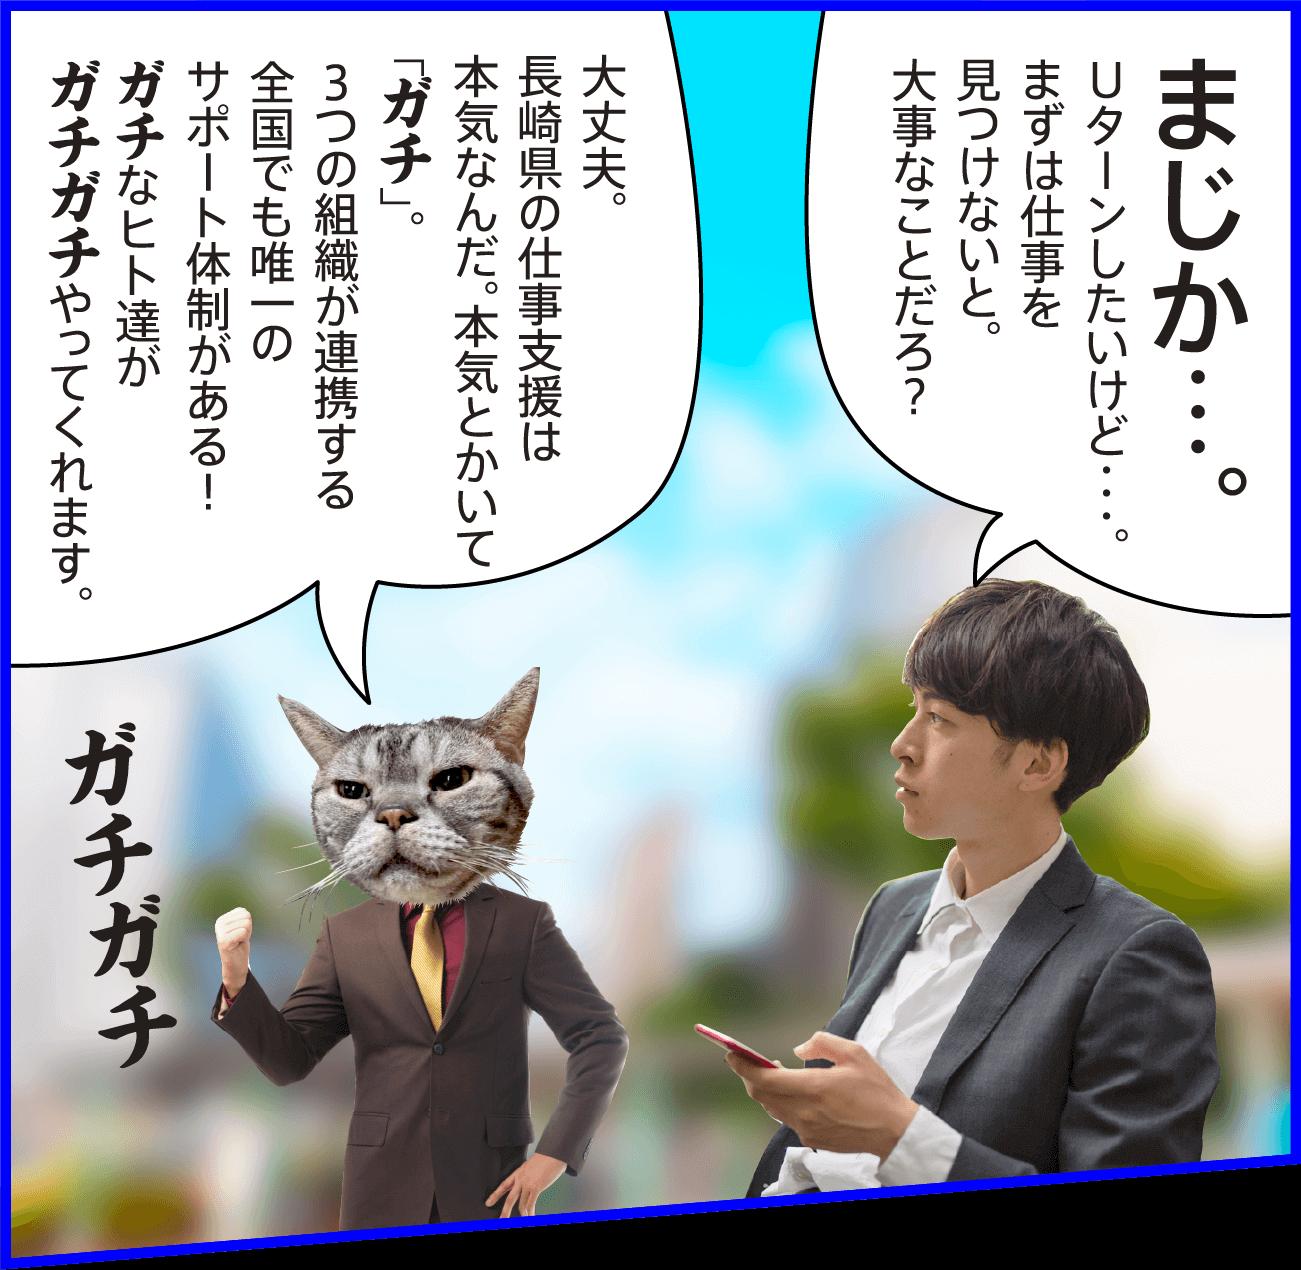 男性:まじか…。Uターンしたいけど・・・。まずは仕事を見つけないと。大事なことだろ? 猫:大丈夫。長崎県の仕事支援は本気なんだ。本気とかいて「ガチ」。3つの組織が連携する全国でも唯一のサポート体制がある!ガチなヒト達がガチガチやってくれます。